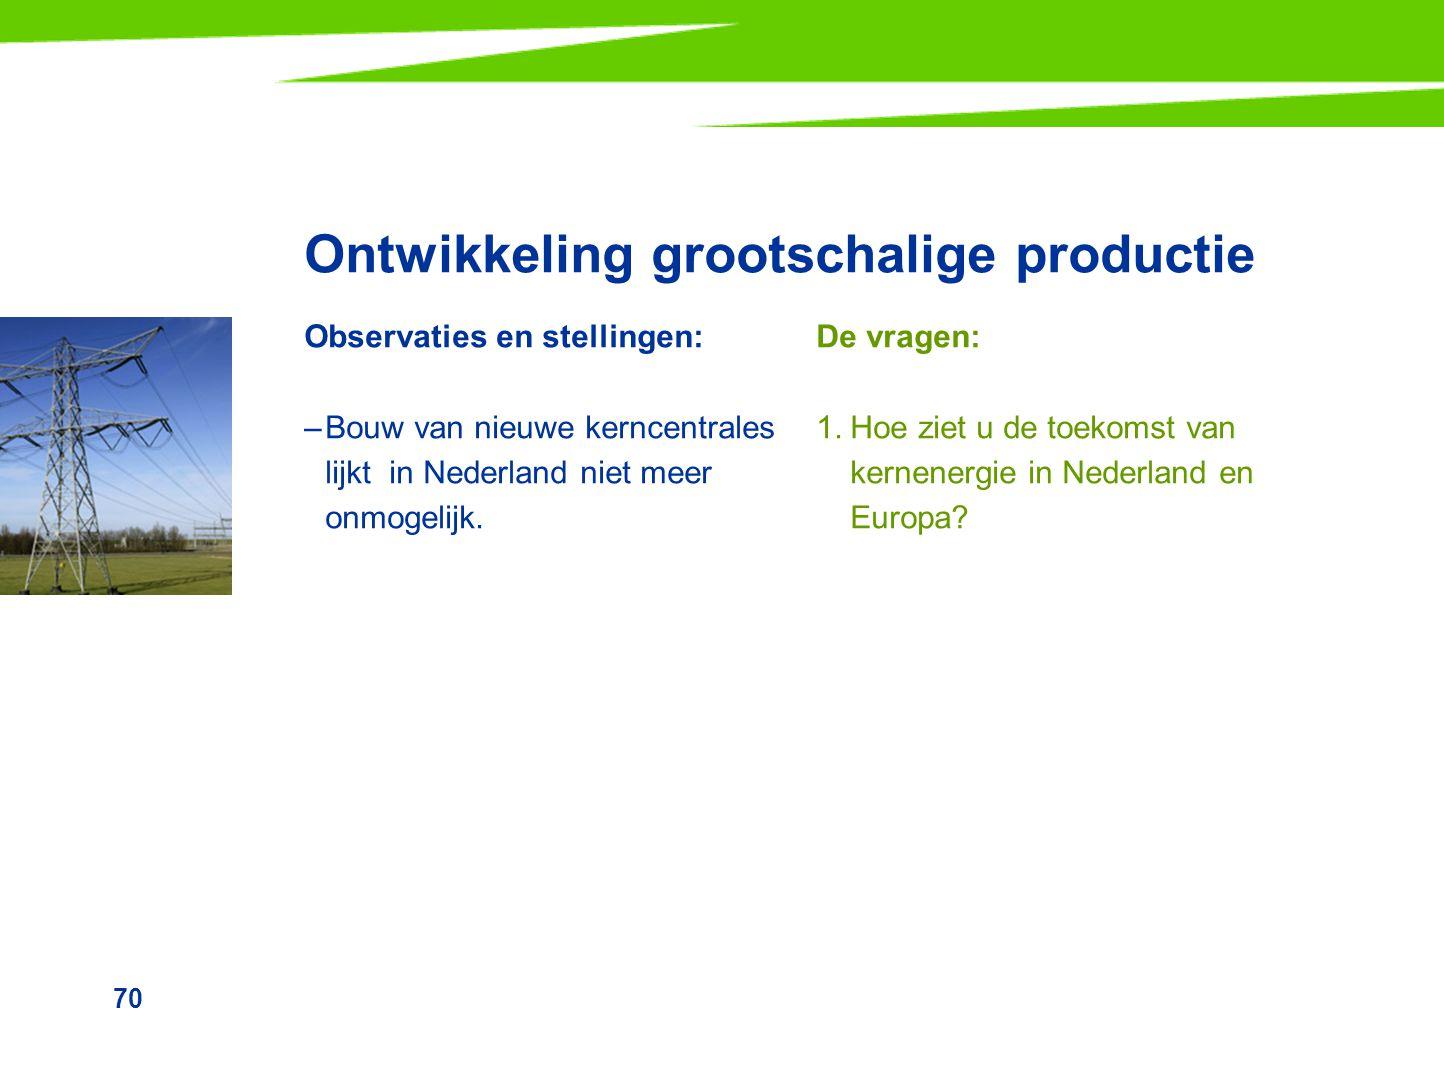 70 Ontwikkeling grootschalige productie Observaties en stellingen: –Bouw van nieuwe kerncentrales lijkt in Nederland niet meer onmogelijk. De vragen: